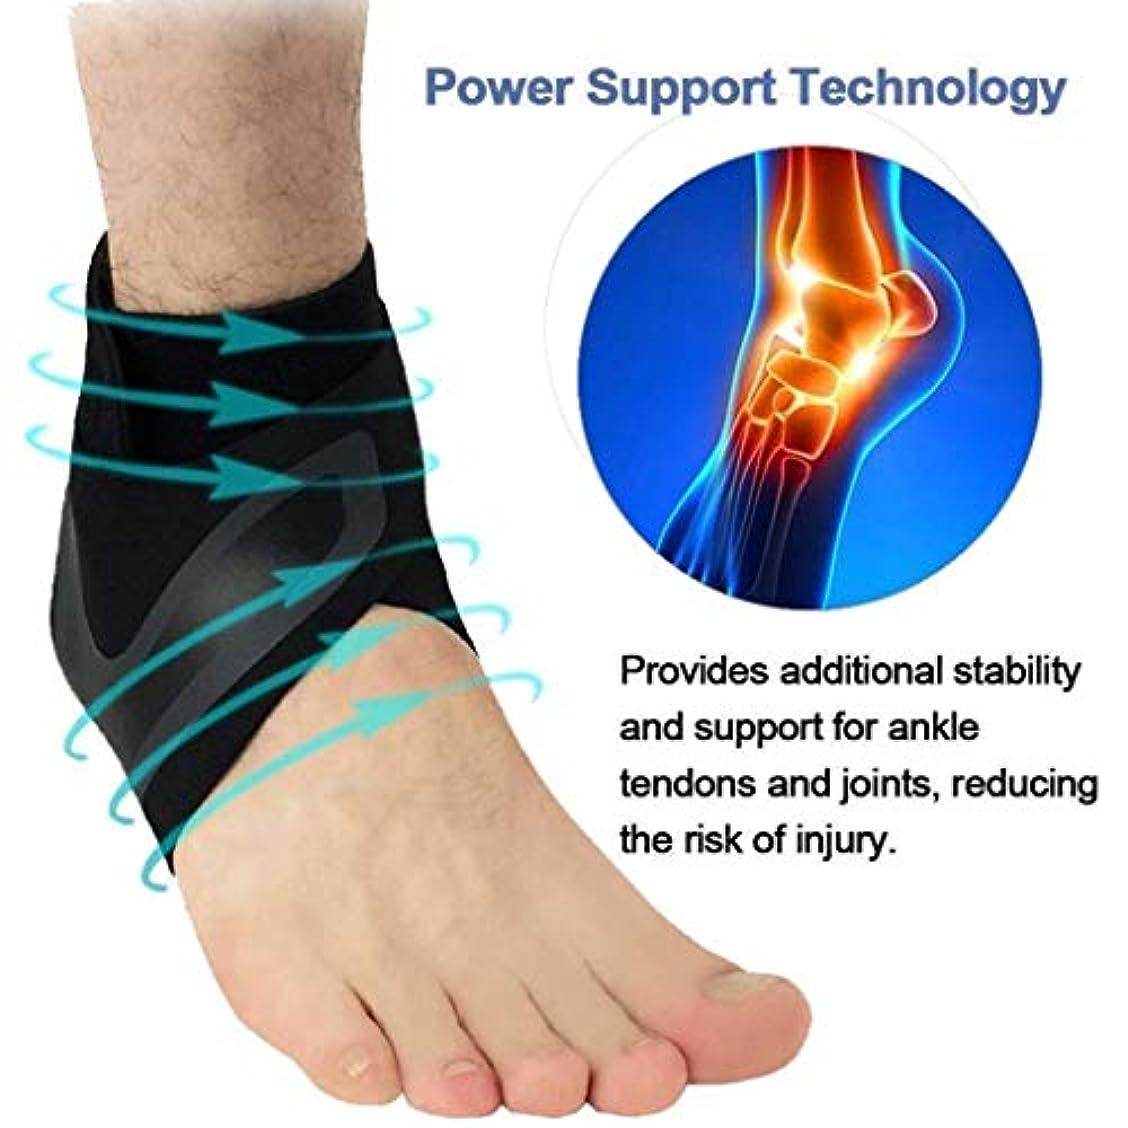 ランドマーク残高コンテスト足首サポート、調節可能な足首ブレース多目的および通気性圧縮-スポーツ、ランニング、ウォーキング、関節痛、捻rain用の足首ラップ (Color : As Picture, Size : X-Large)